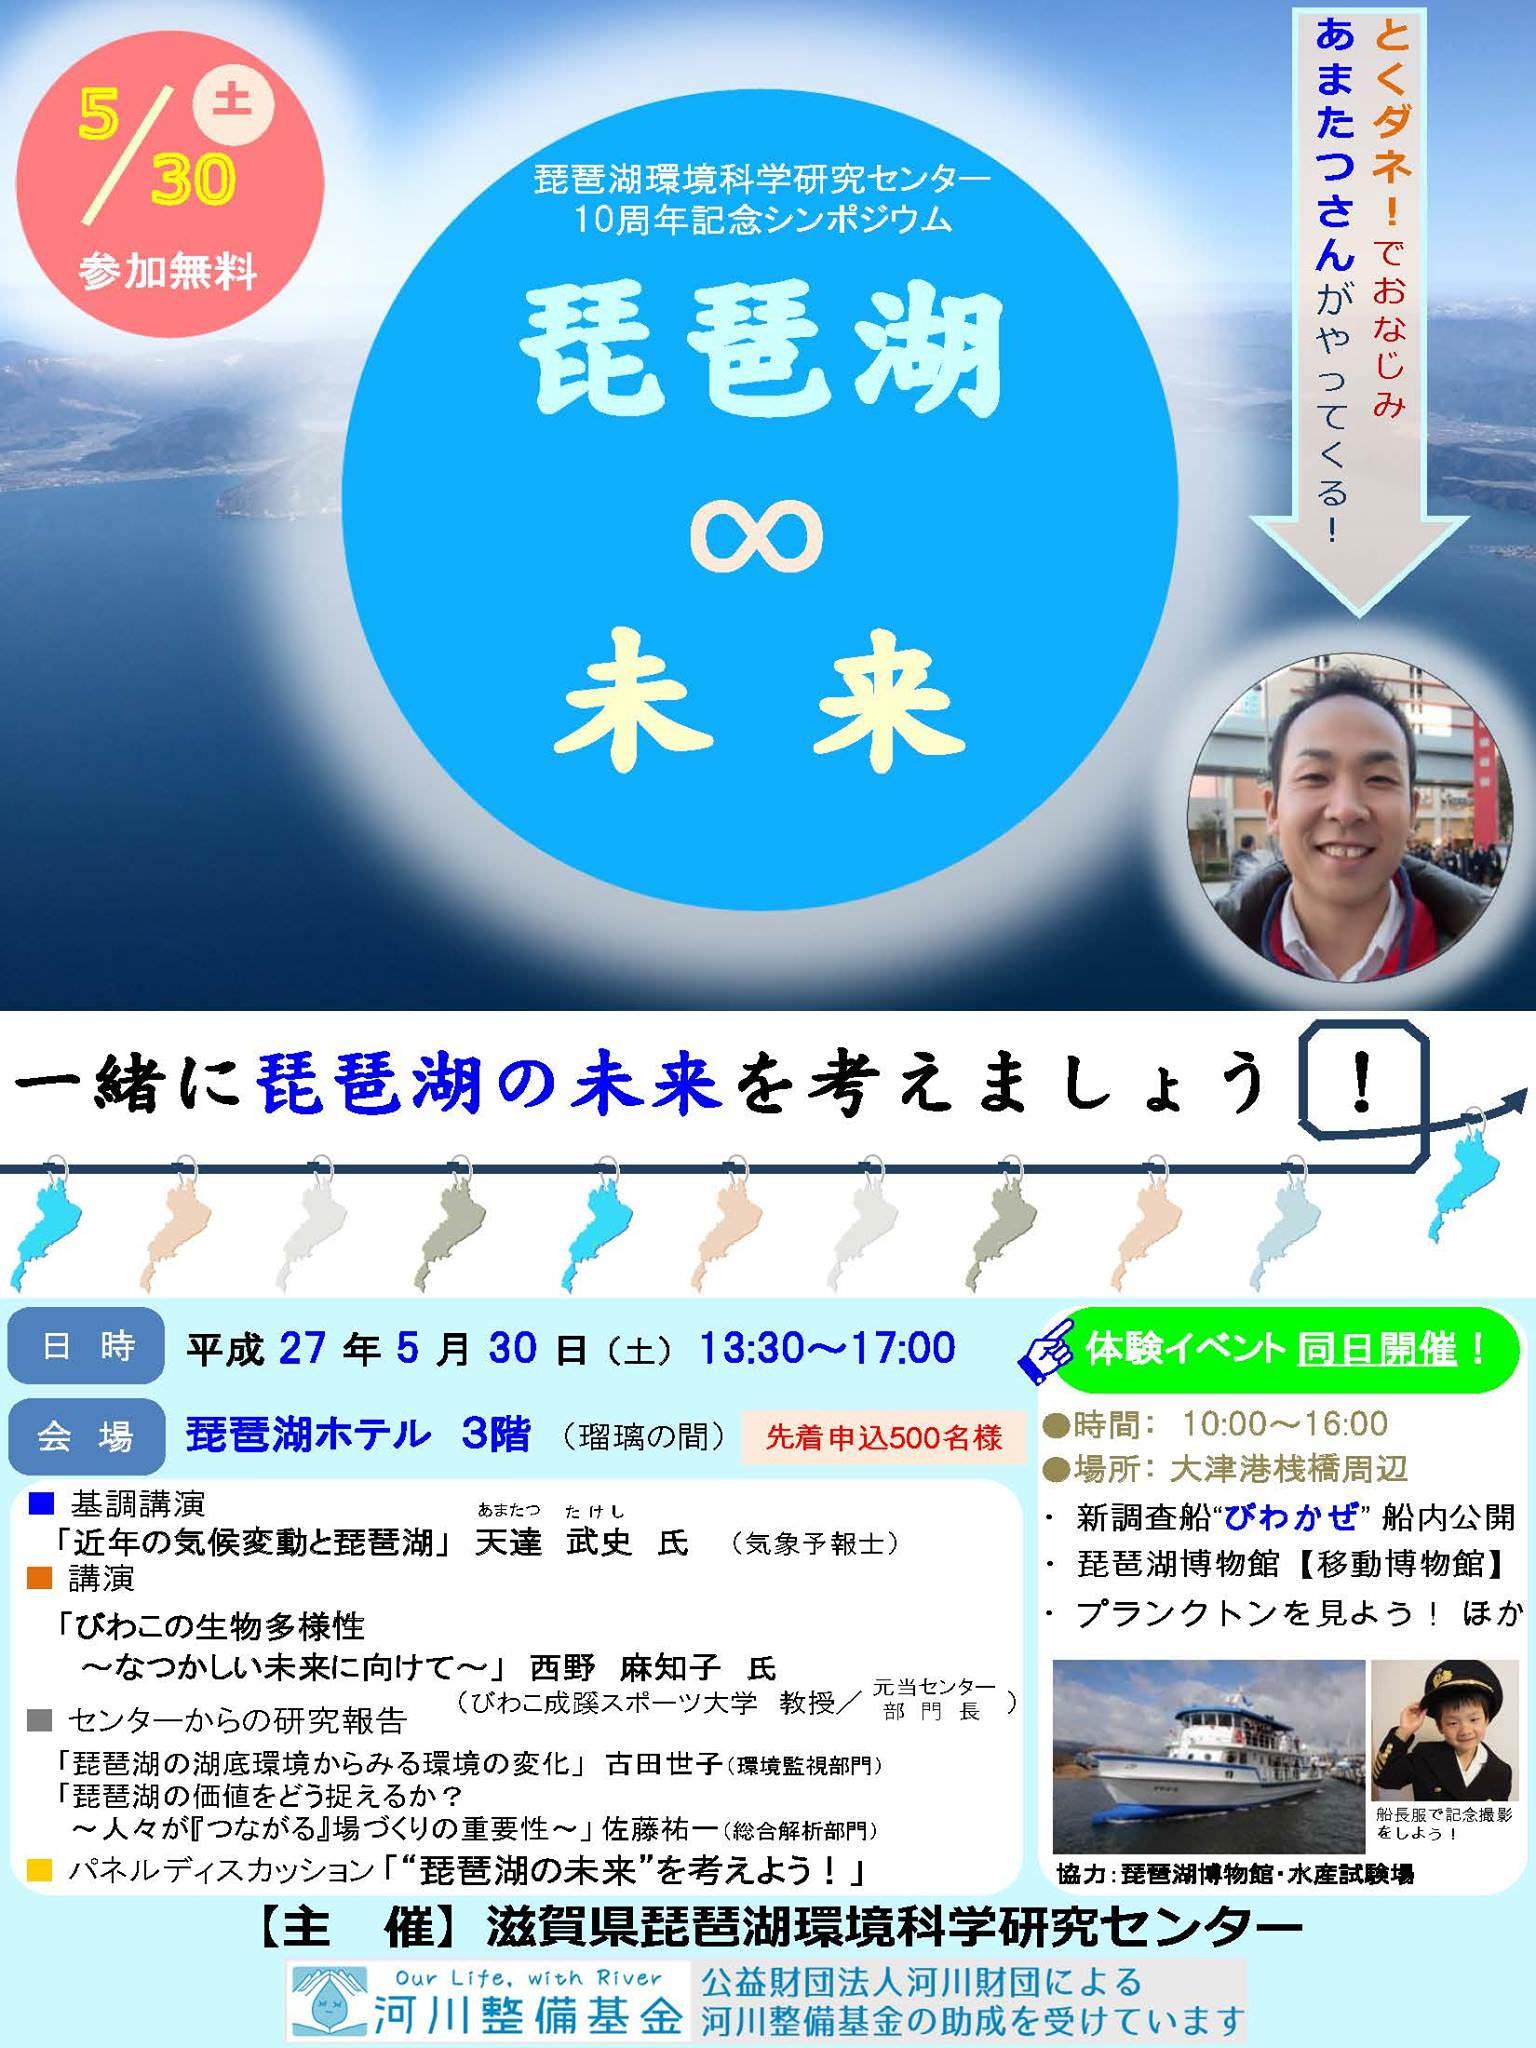 滋賀県琵琶湖環境科学研究センター開設10周年記念事業のシンポジウム